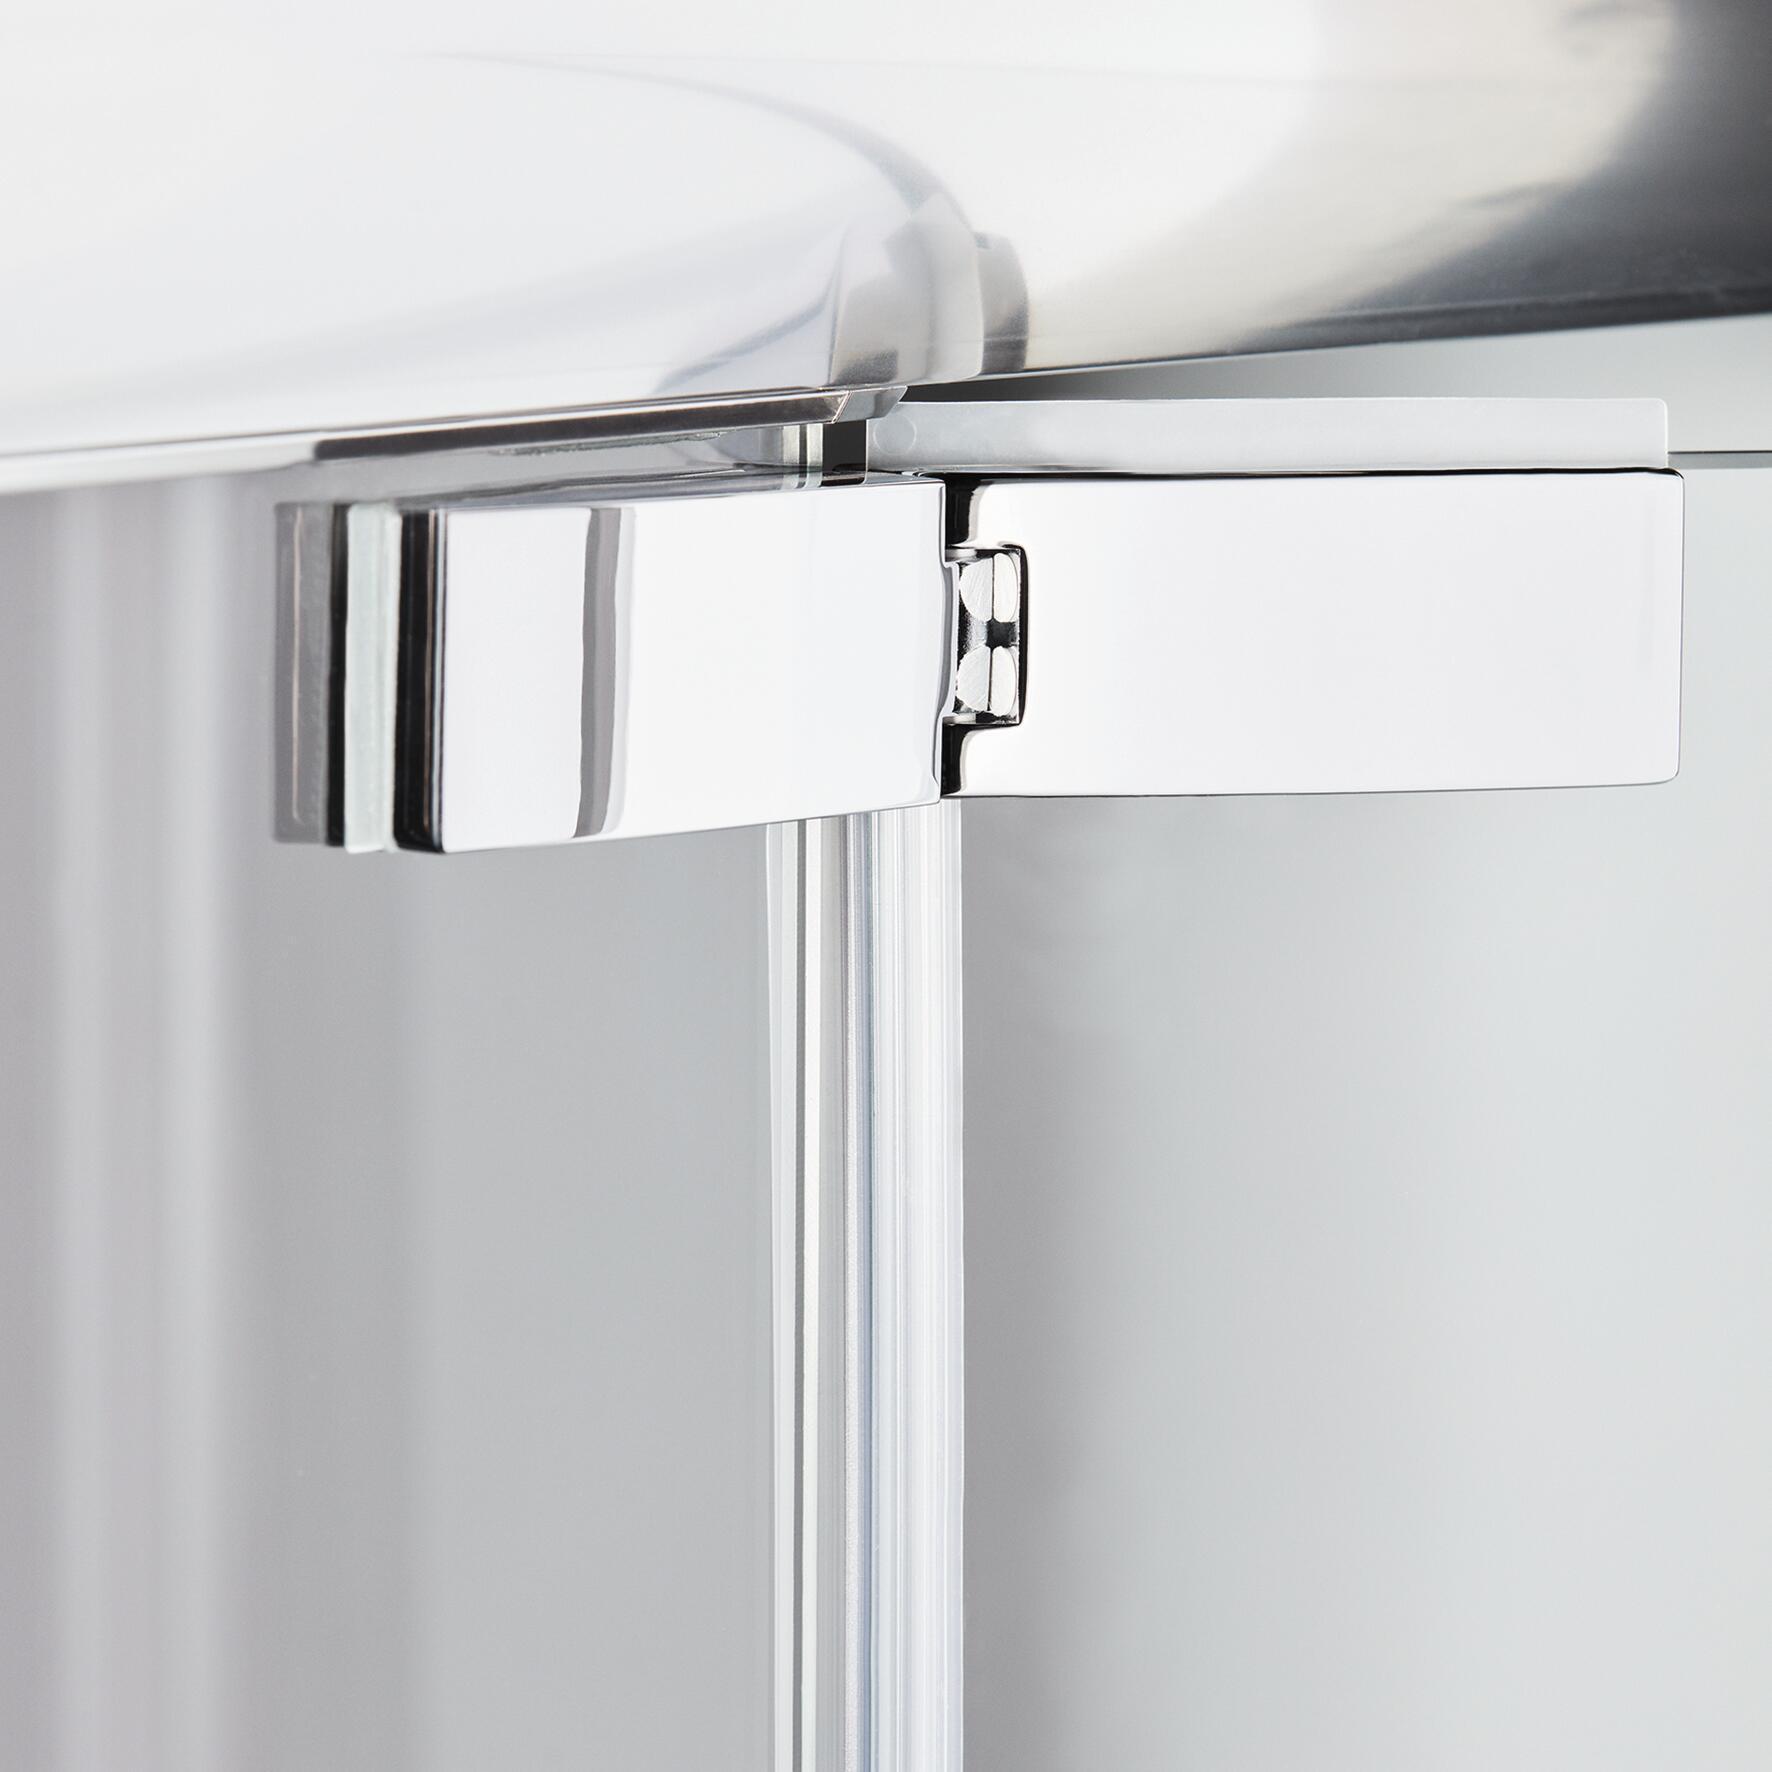 Porta doccia battente Namara 120 cm, H 195 cm in vetro temprato, spessore 8 mm trasparente silver - 4